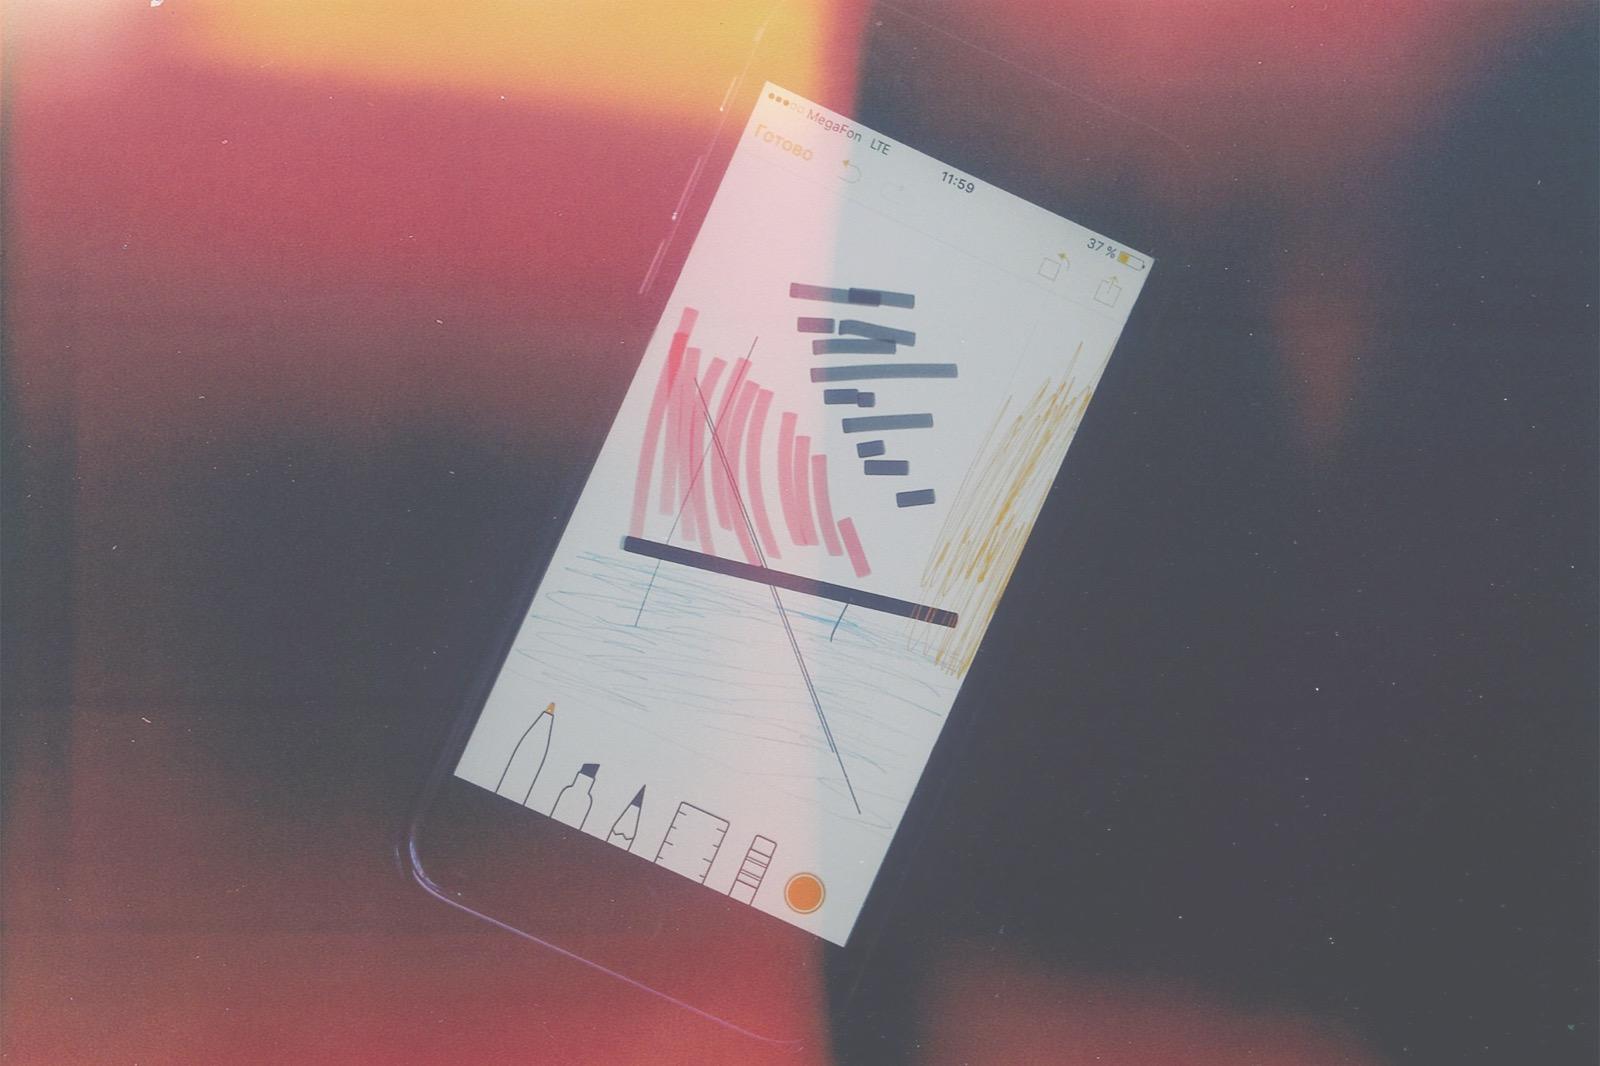 Как рисовать в «Заметках» на iOS 9